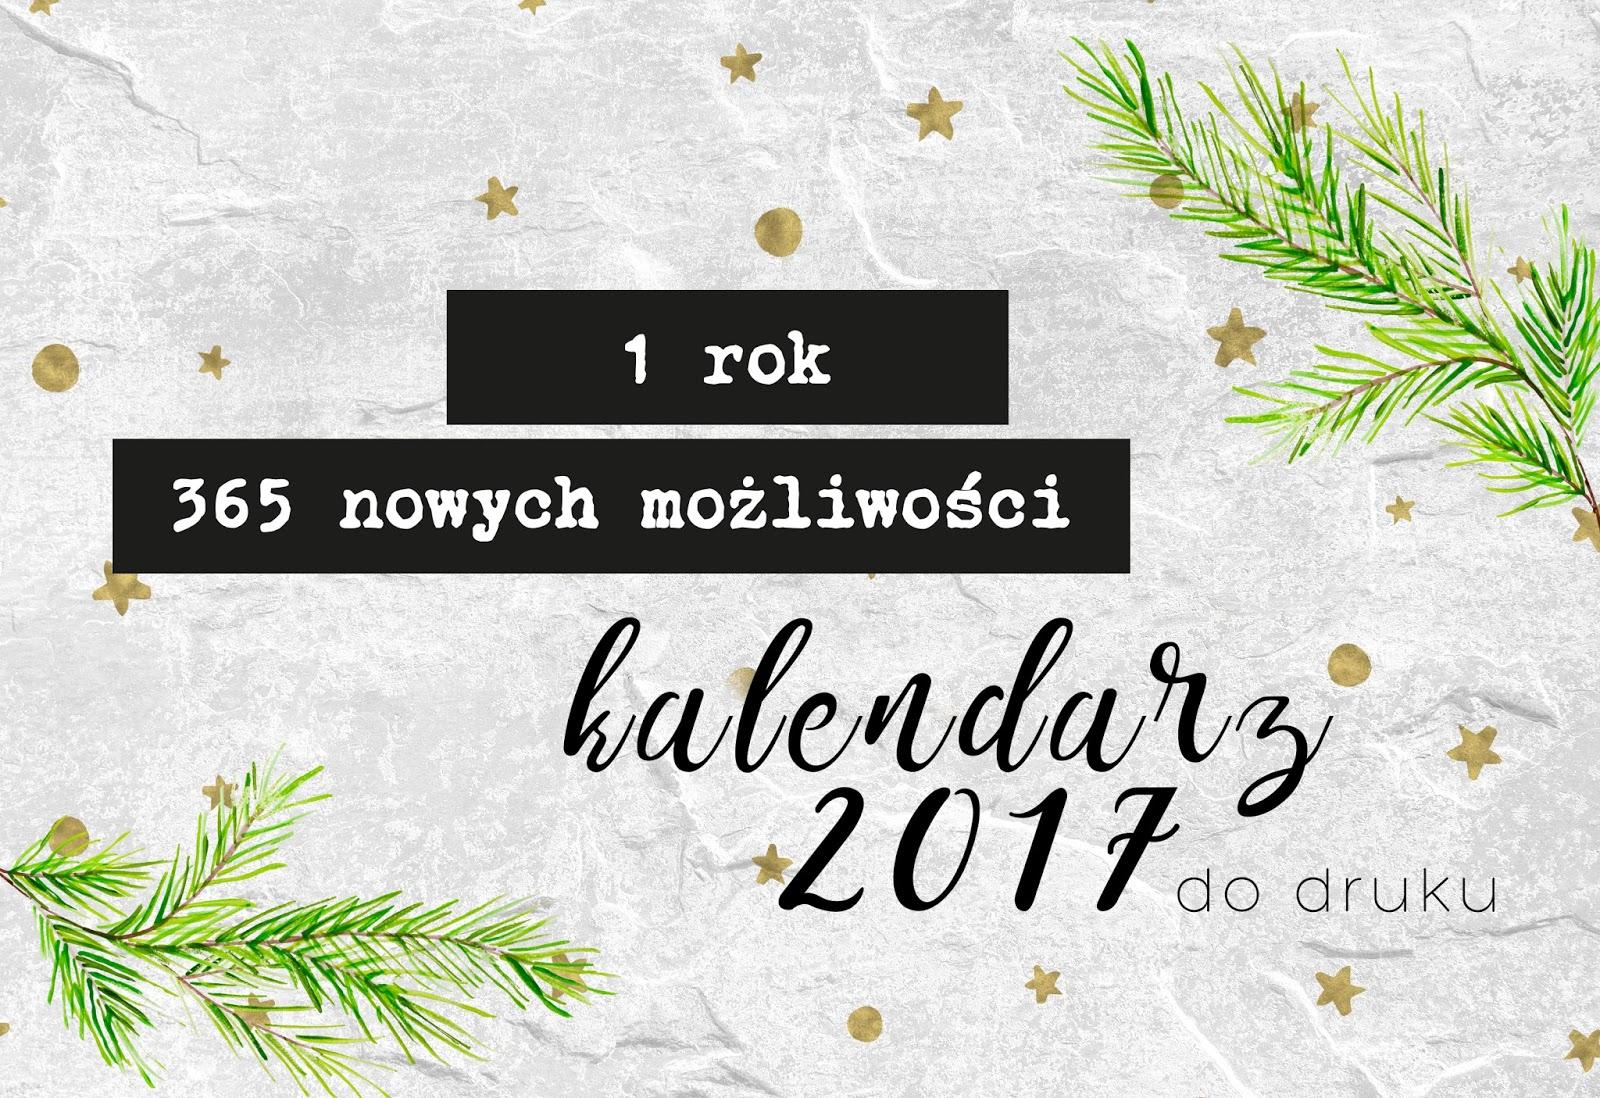 kalendarz, kalendarz 2017, calendar, kalender, 2017, new year, nowy rok, printable, printable calendar, kalendarz do druku, do druku, freebies, hancymonka, biało czarny kalendarz, sentencje, cytaty, do pobrania